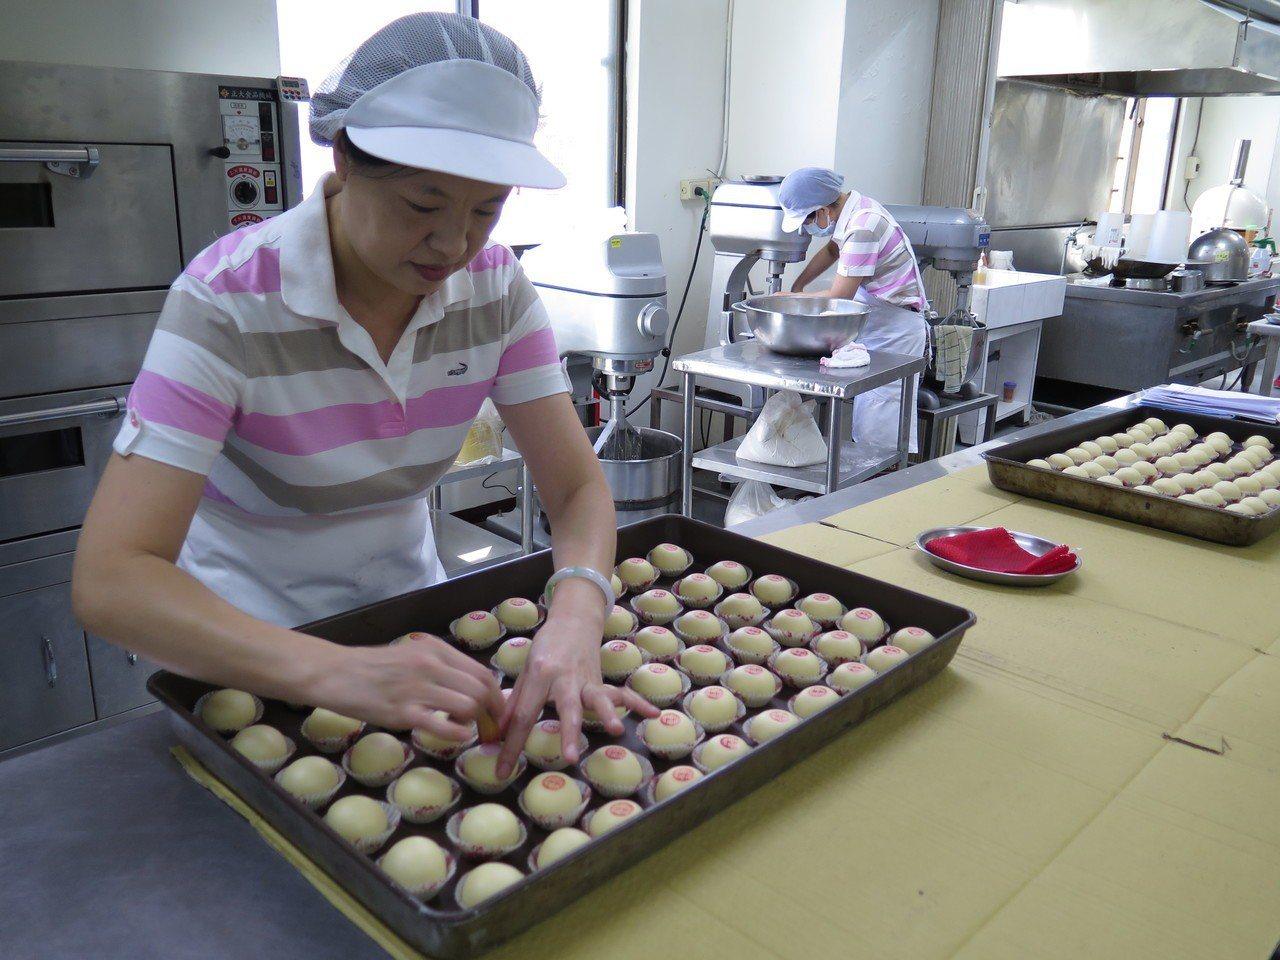 桃園區農會每到中秋前夕都在趕工做月餅,傳統的綠豆凸也受到消費者喜愛。記者張裕珍/...